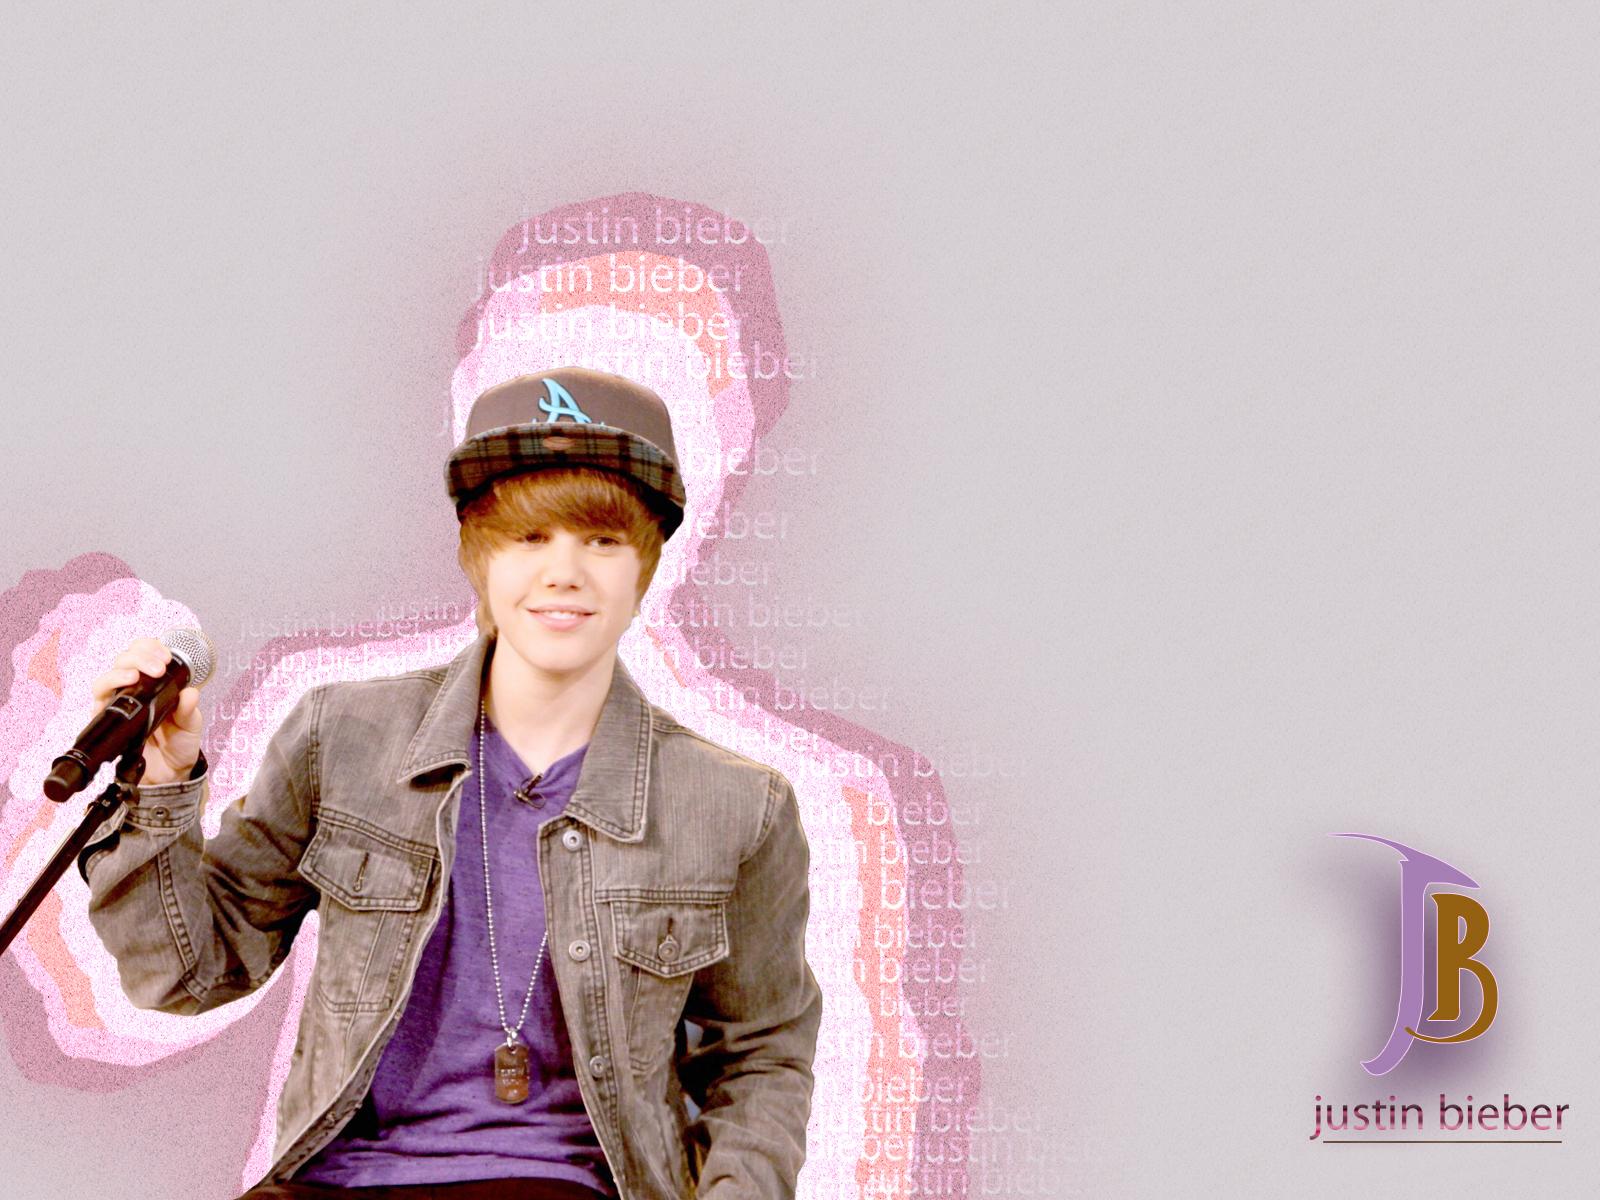 Justin Bieber During Singing